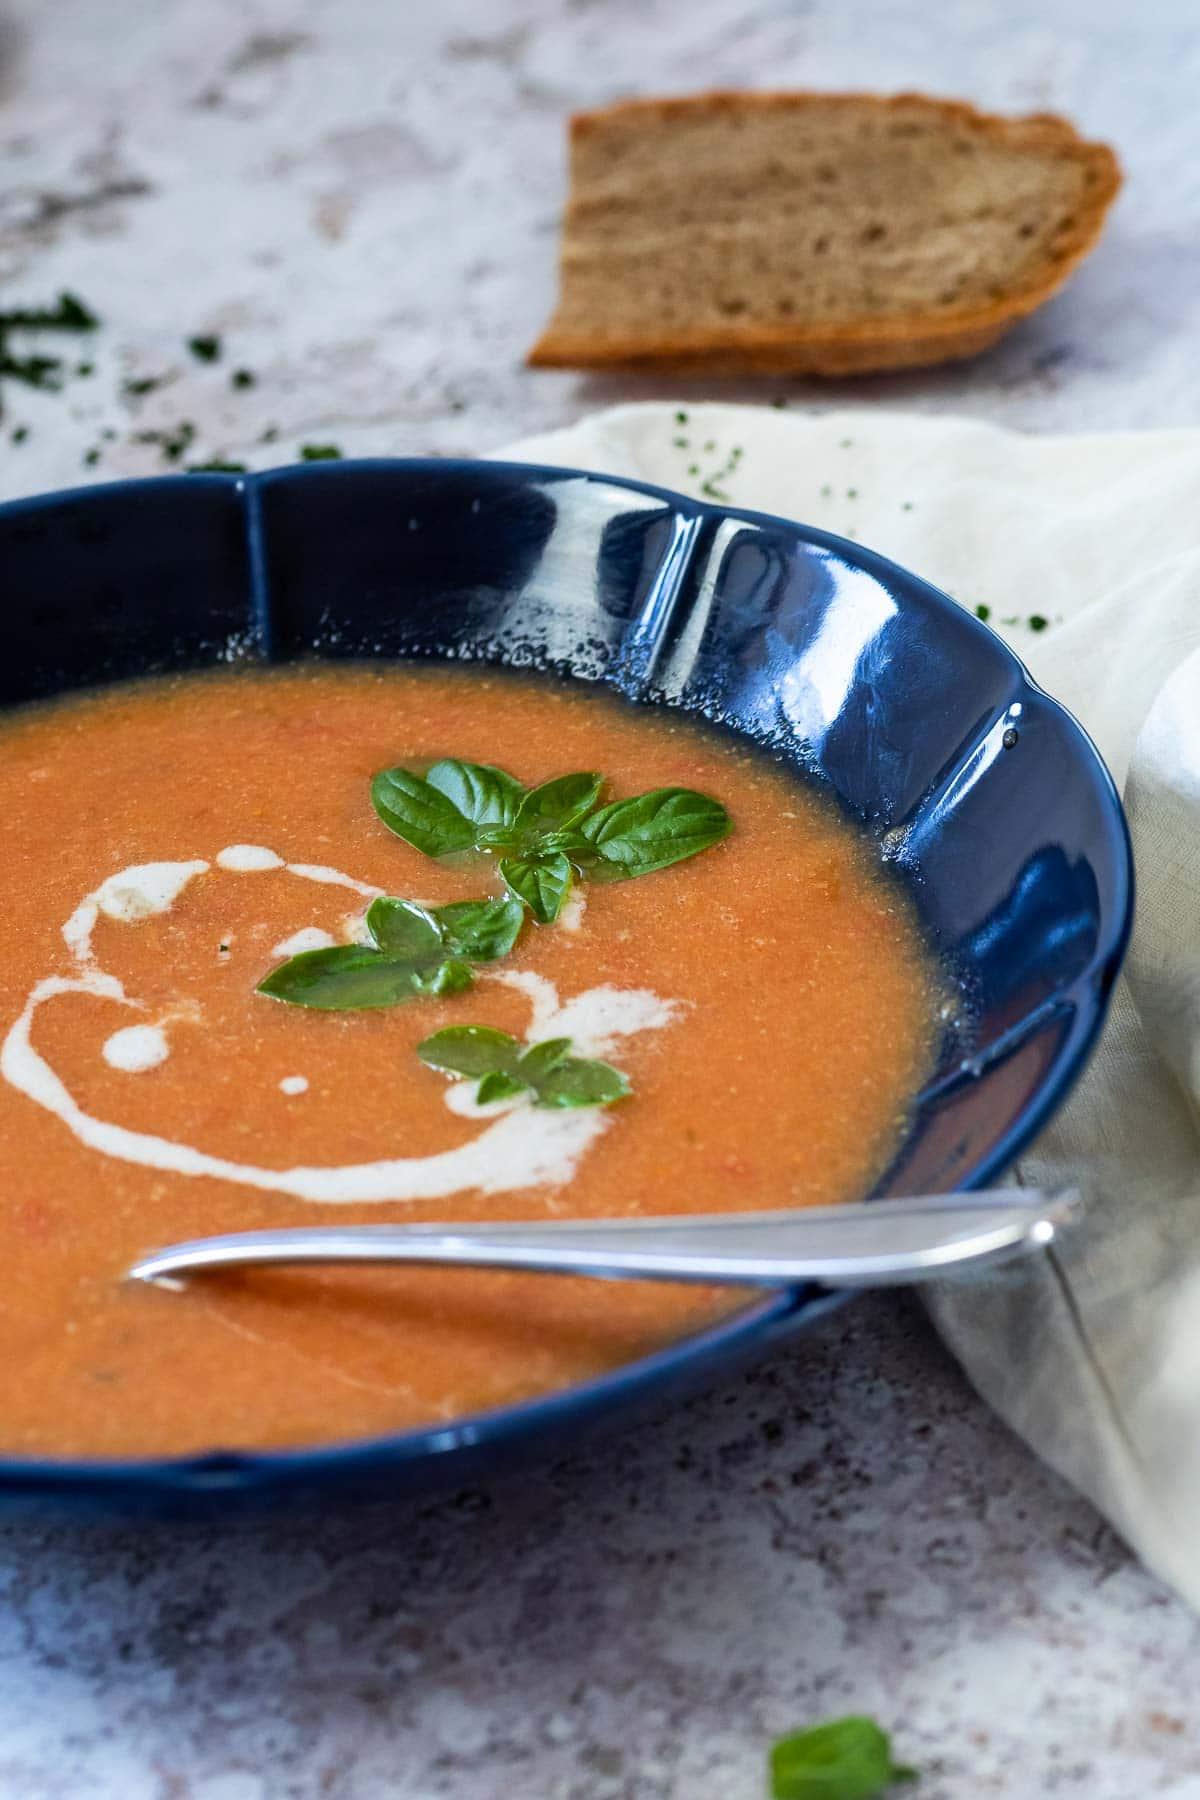 Vegane Tomatensuppe serviert in einer blauen Schüssel mit einem Löffel in der Schüssel. Das Brot liegt verschwommen im Rücken.